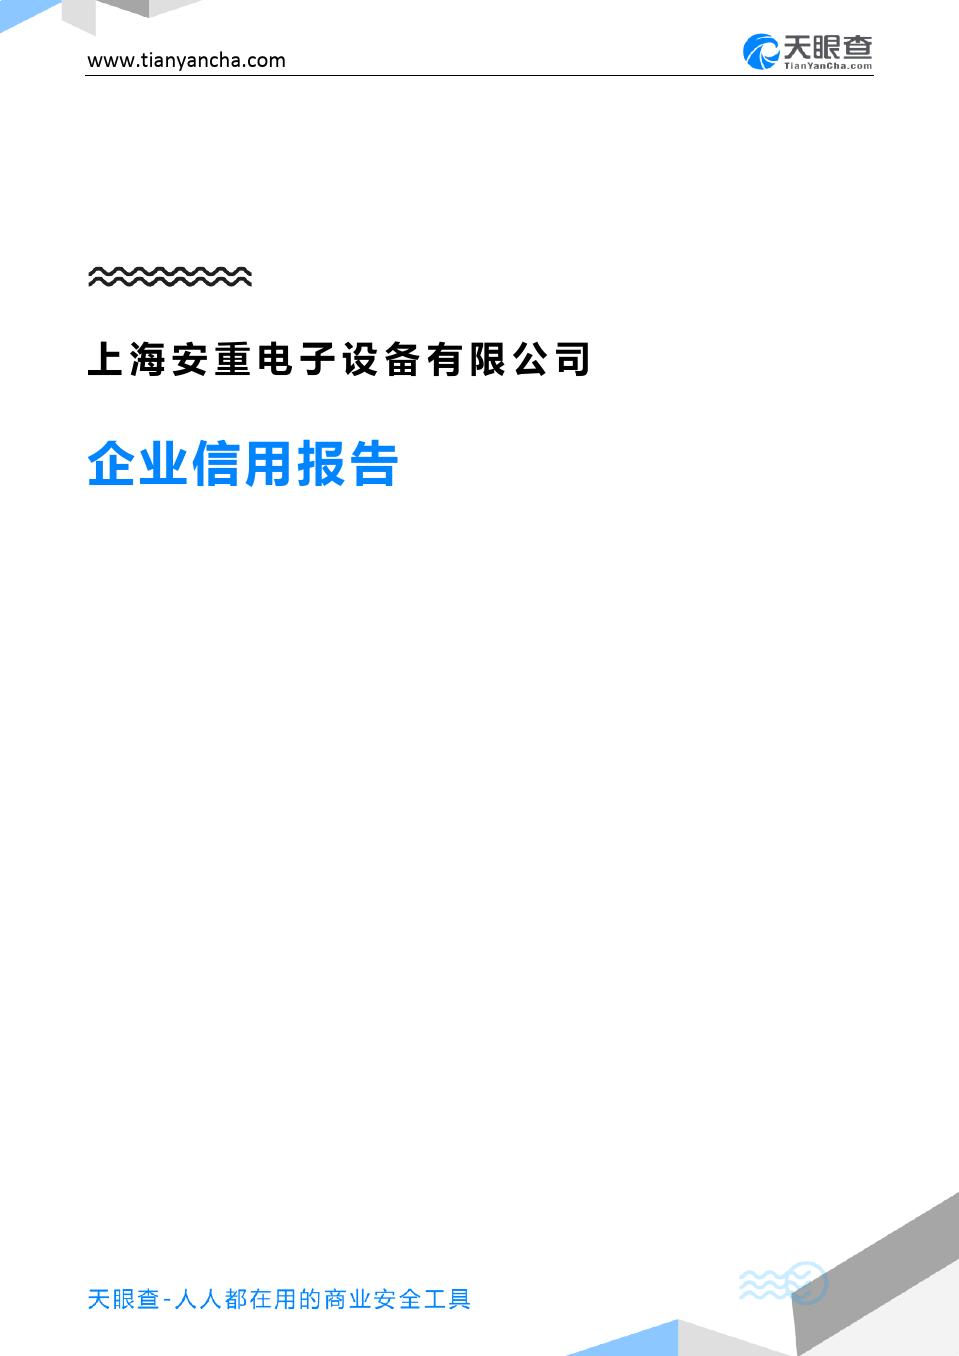 上海安重电子设备有限公司(企业信用报告)- 天眼查